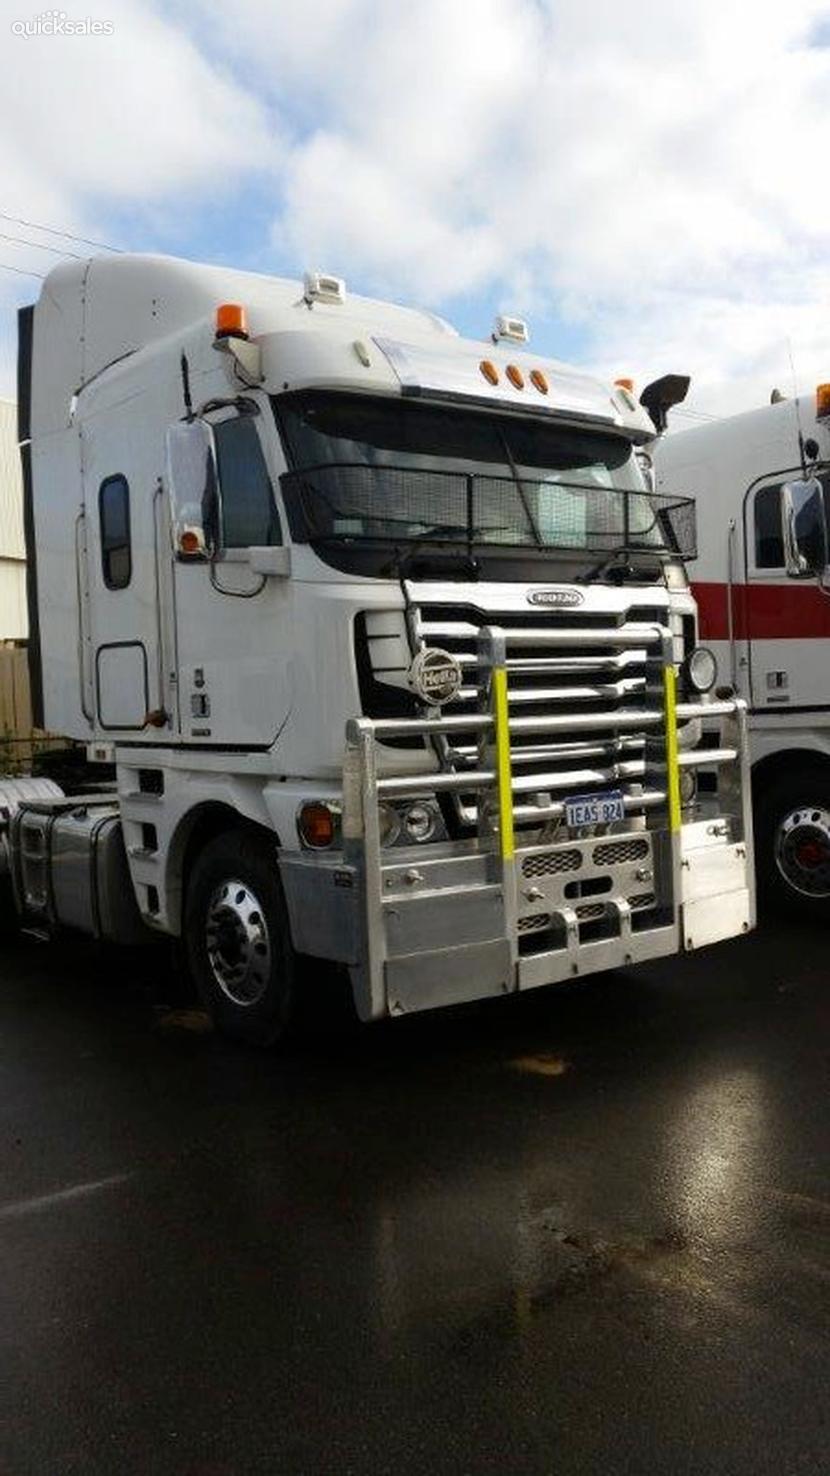 2012 Freightliner Argosy Quicksales Com Au Item 1000266588